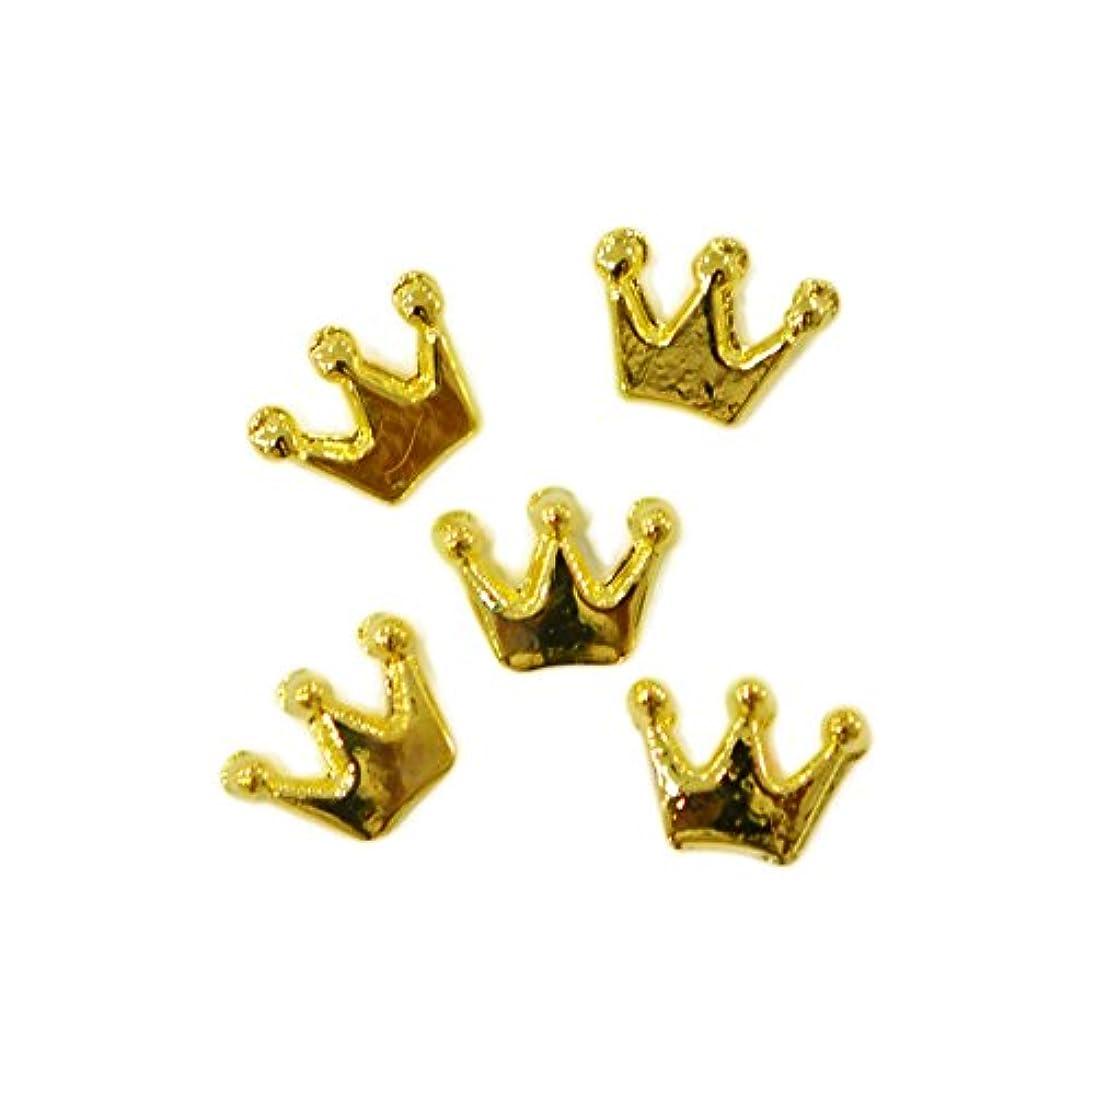 評決インシデントスポンジメタルパーツ crown 6mm×4mm ゴールド 5個 MP10158 王冠